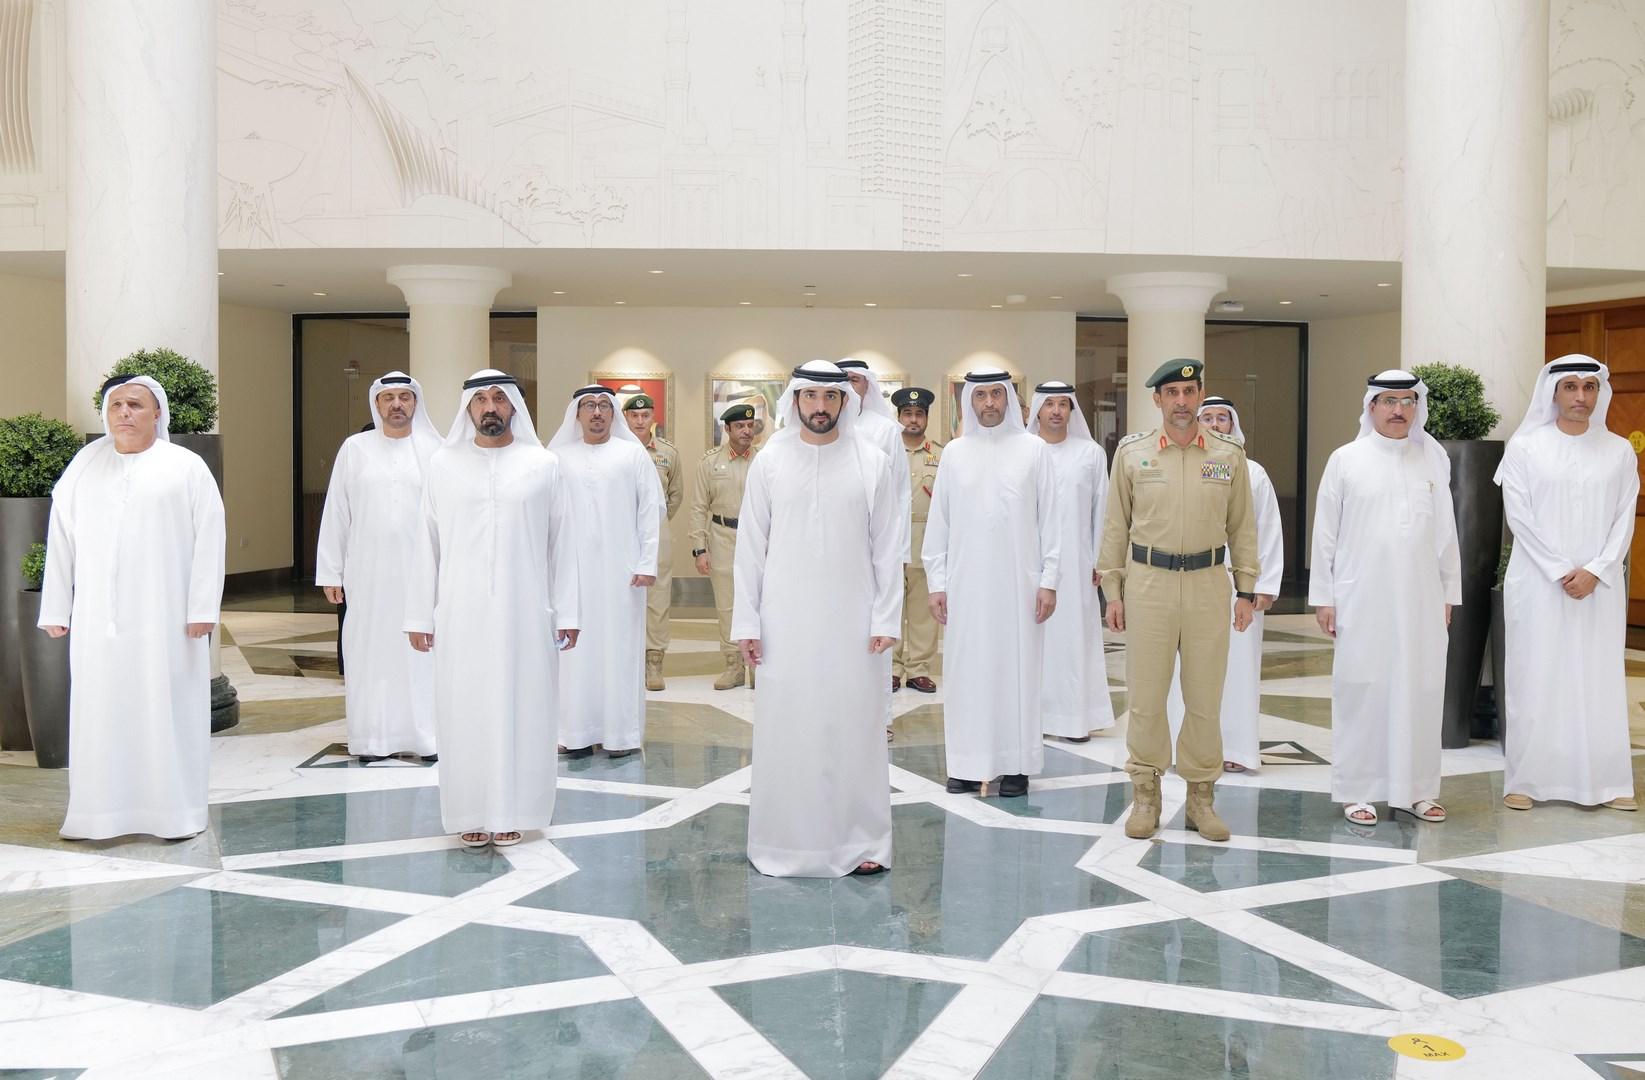 حمدان بن محمد: بتوجيهات محمد بن راشد نضاعف العمل لترسيخ ريادة دبي كنموذج لمدن المستقبل